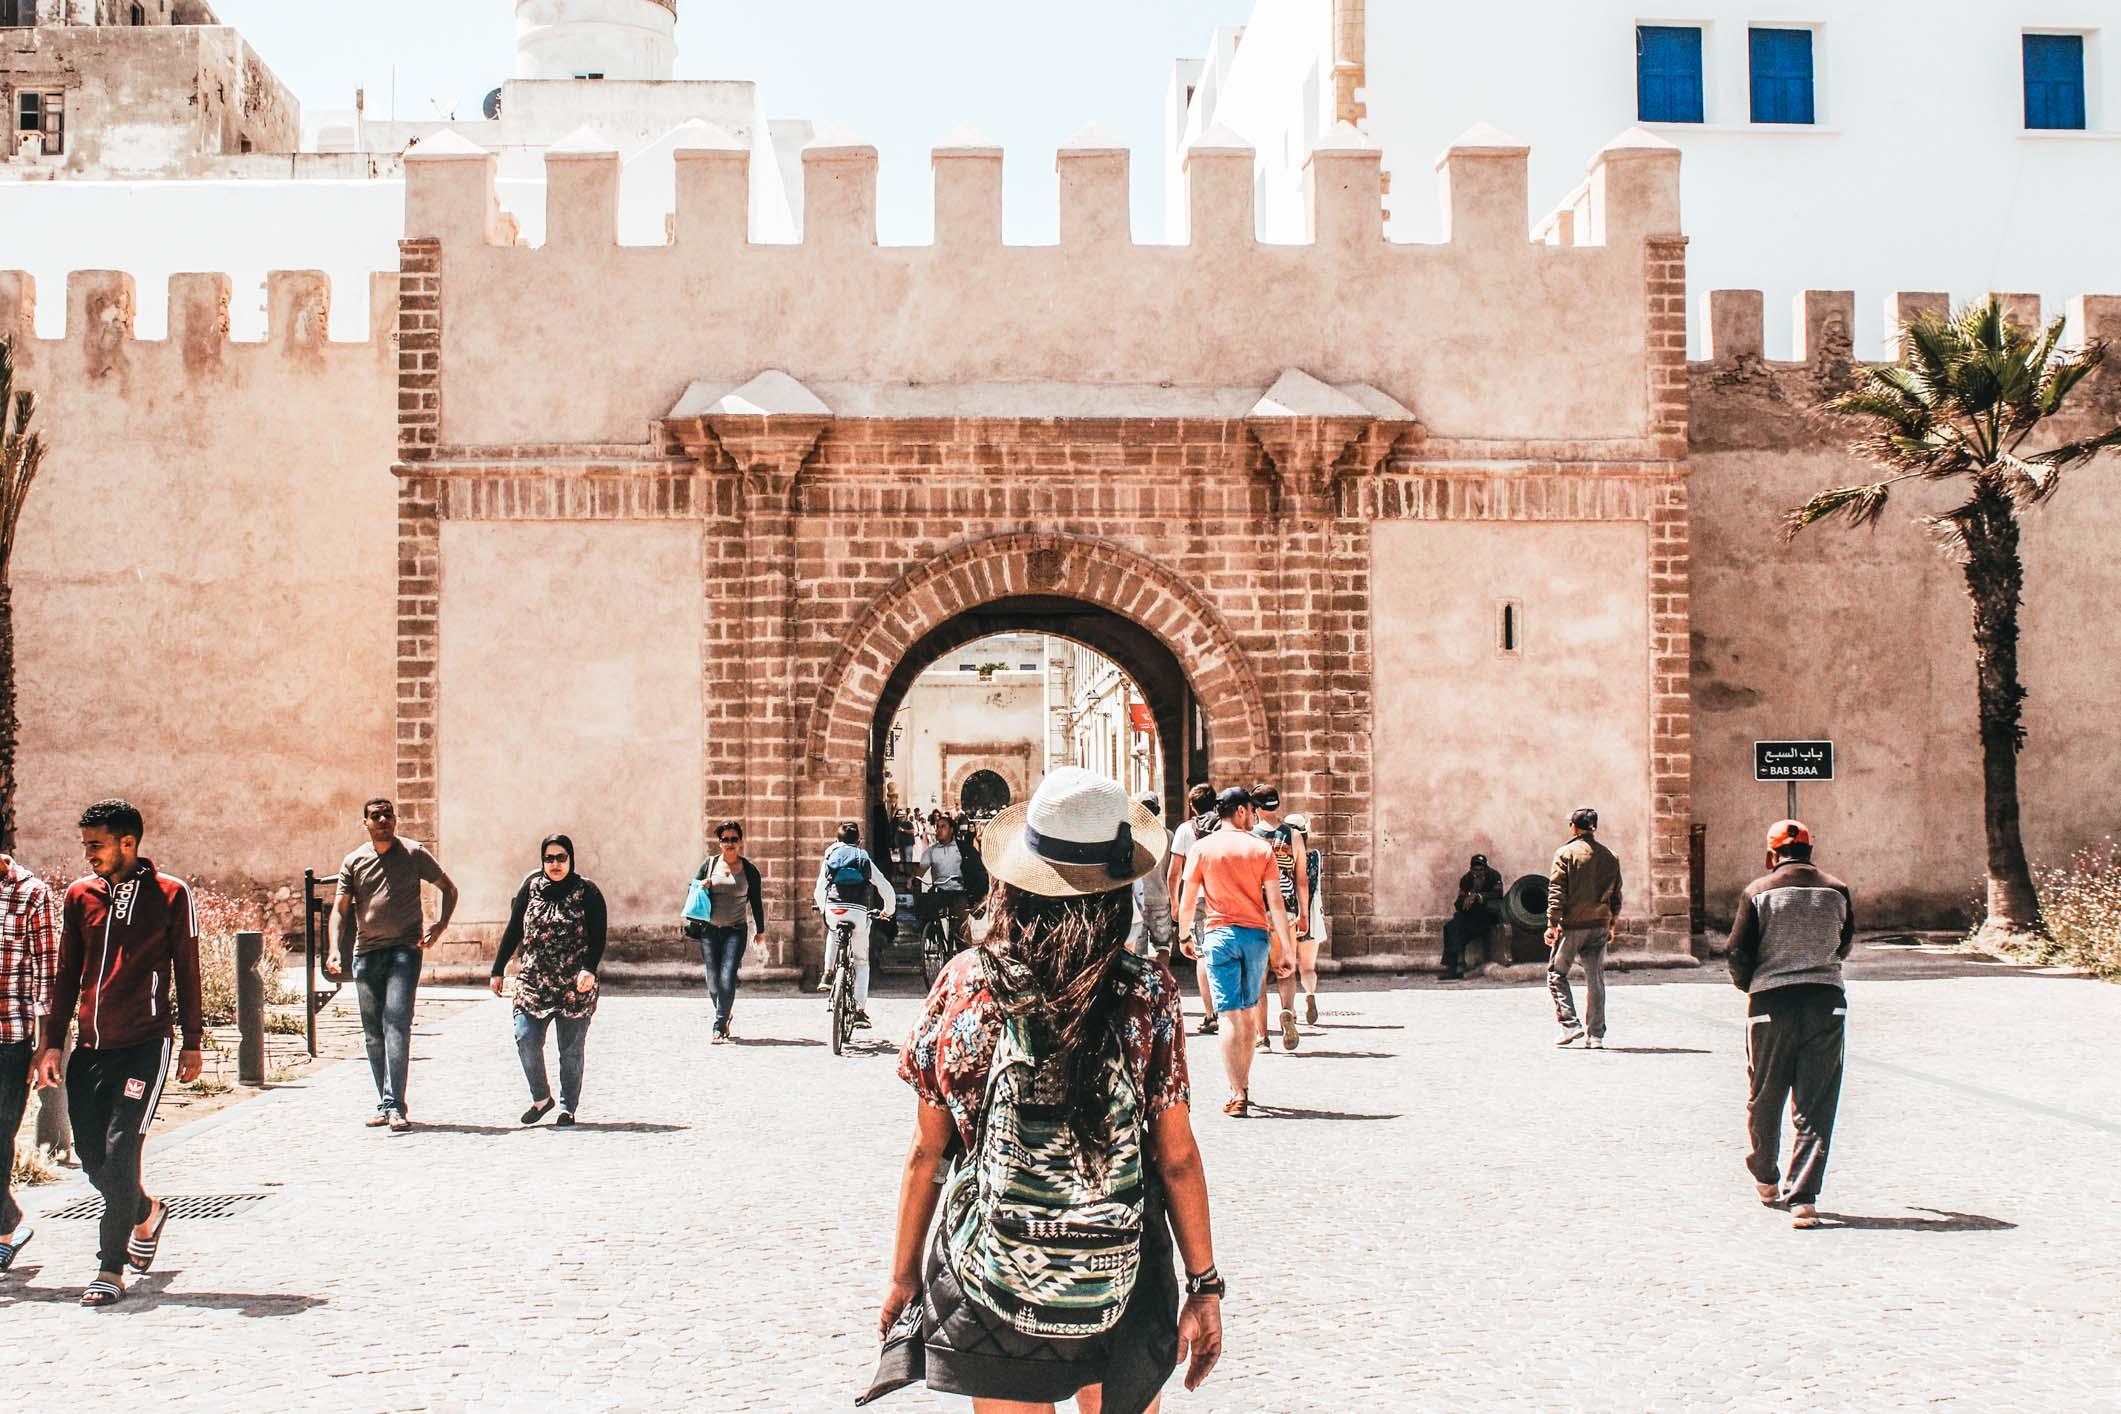 Essaouira Maroc - Tout Ce Qu'il Faut Savoir Avant Votre Voyage